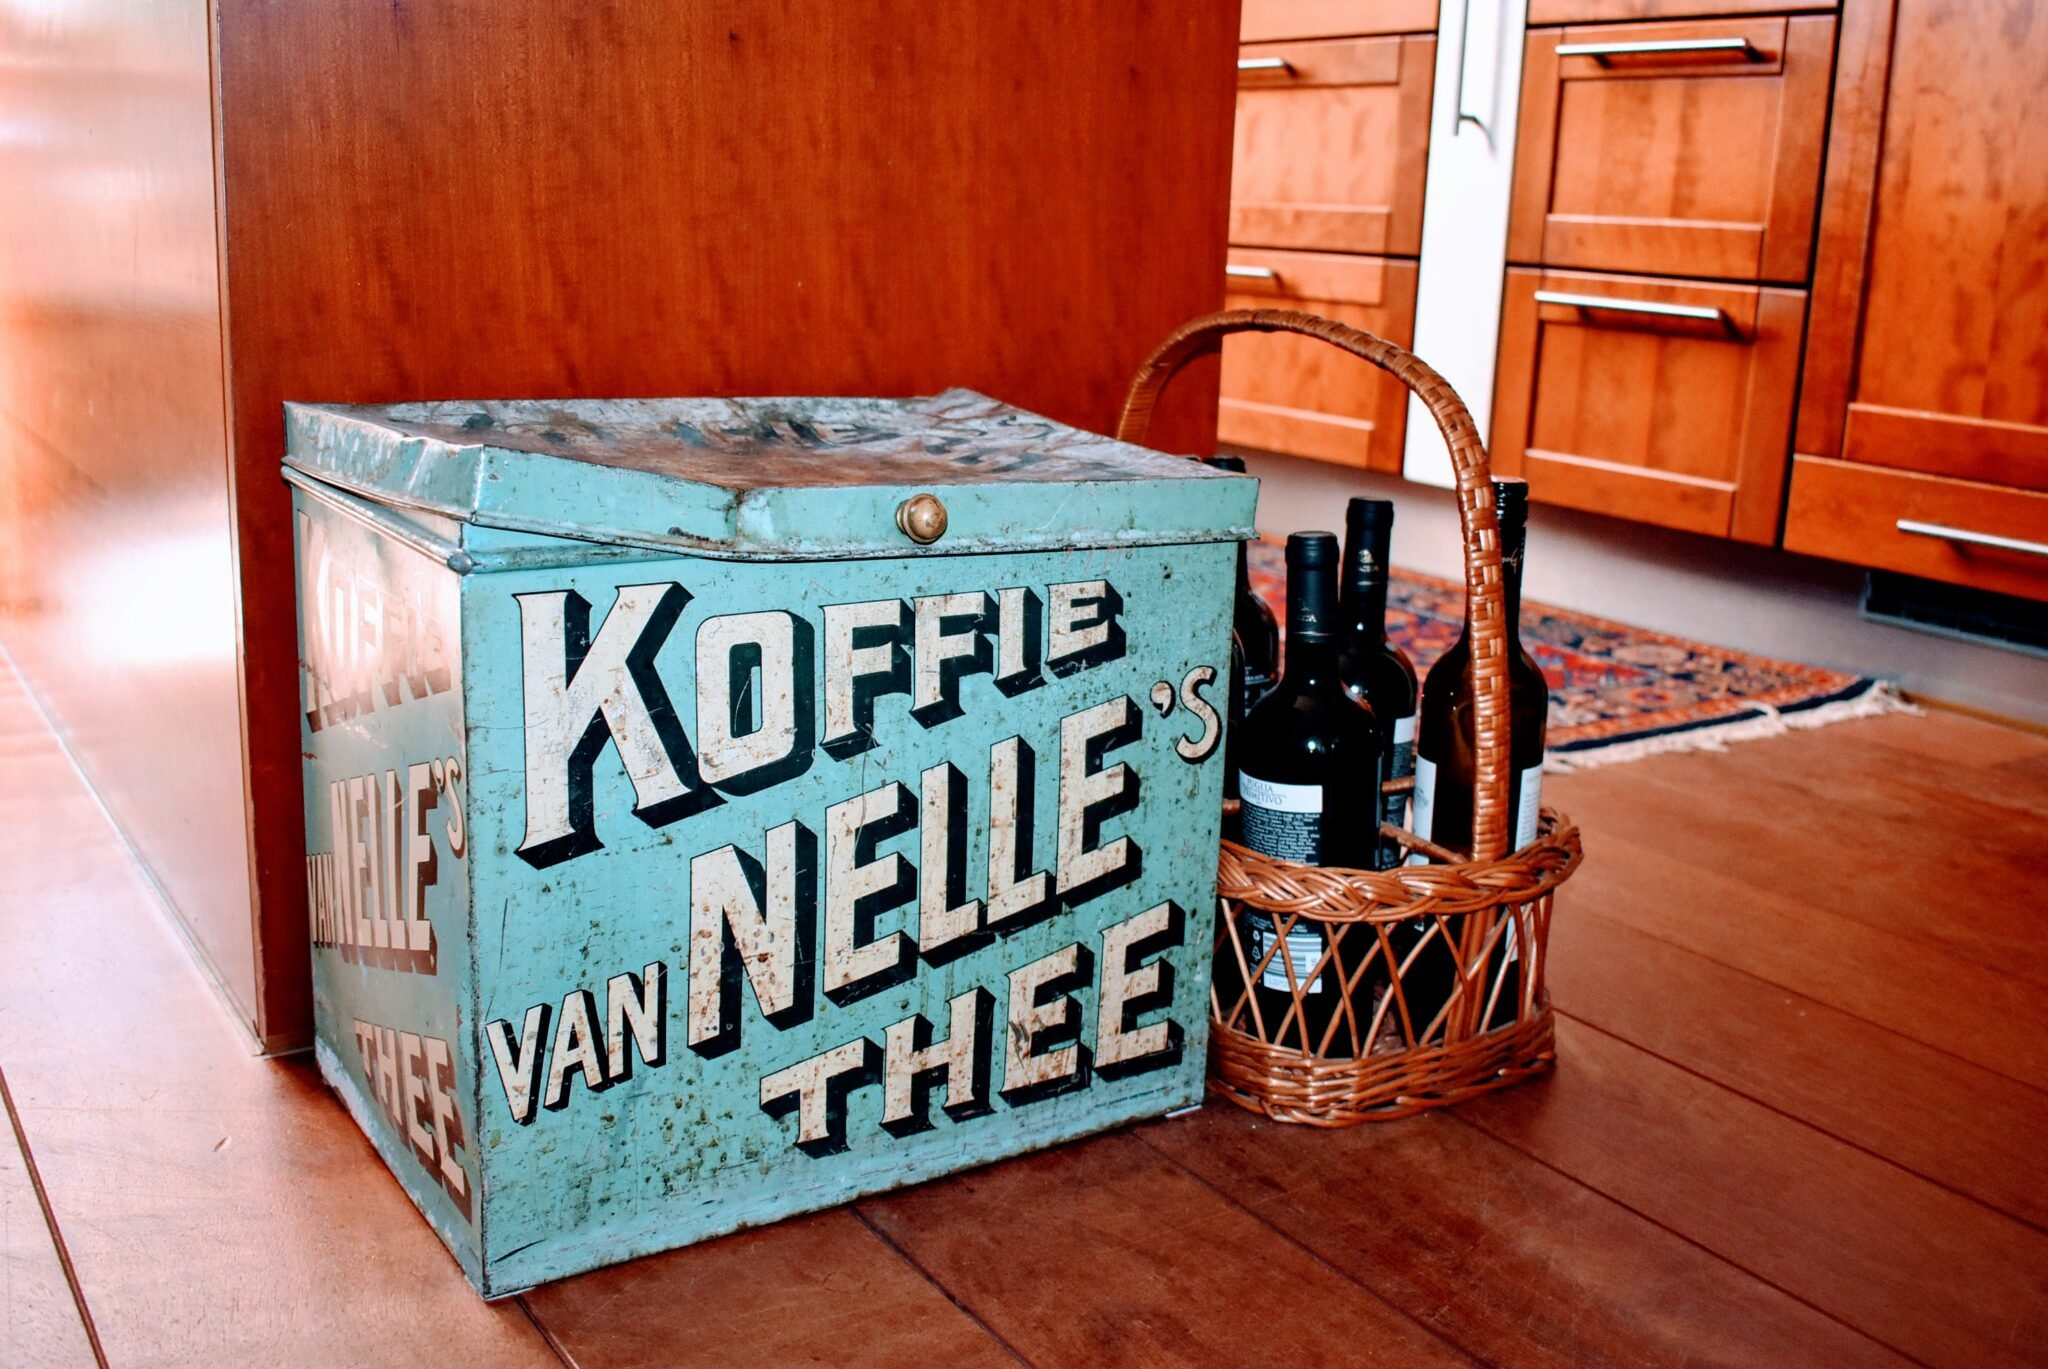 Jet Ermelo jedvintage vintage vintagemarkt harderwijk